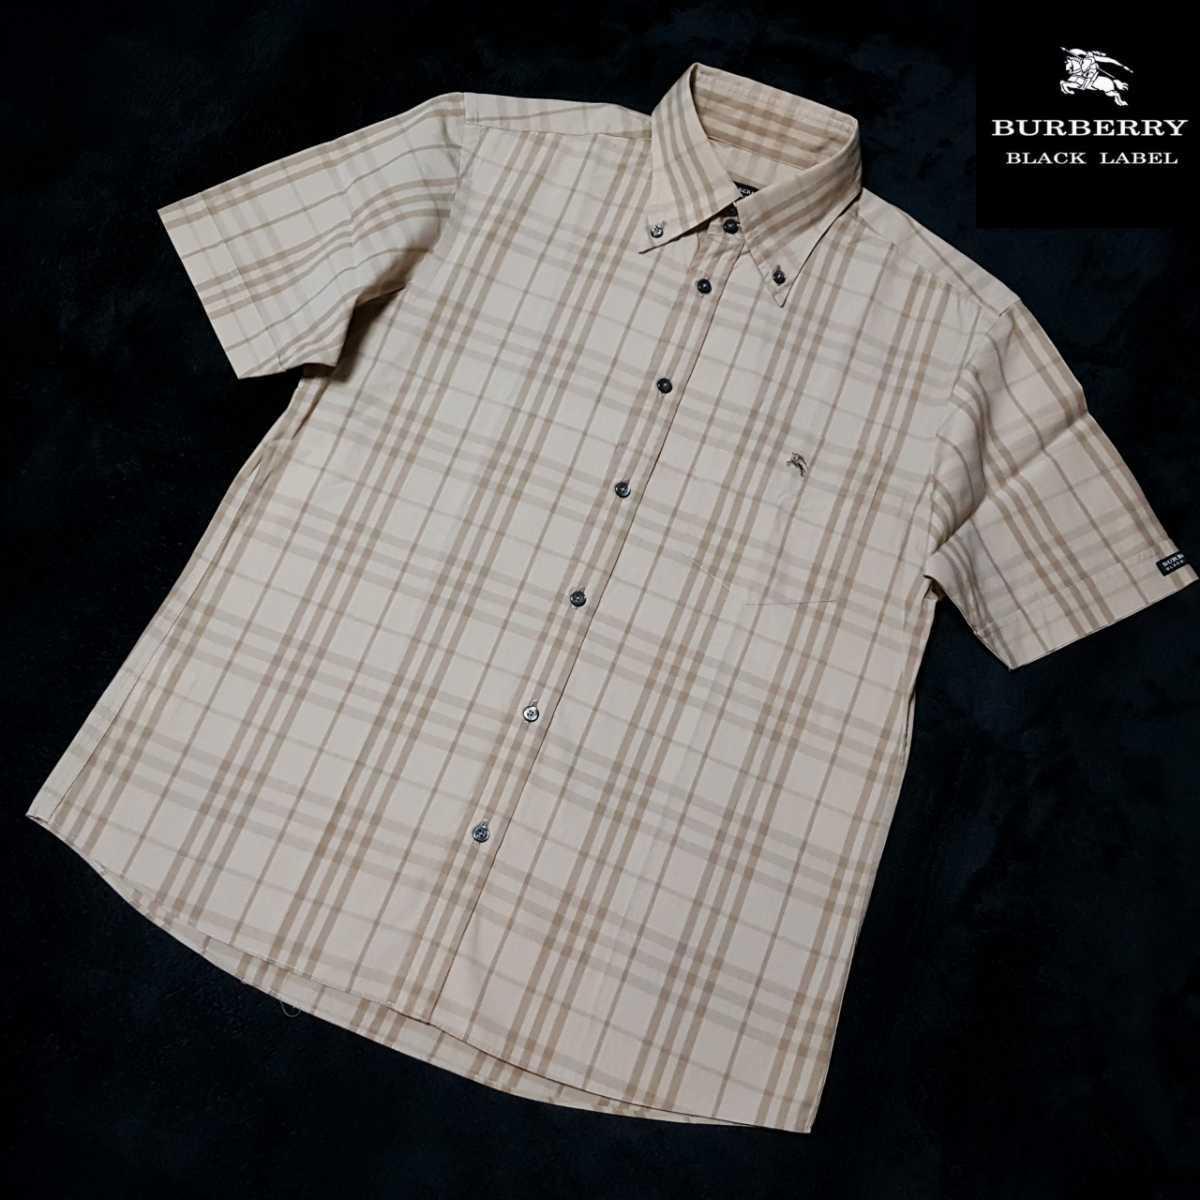 ◆極美品◆溢れる高級感◆高品質◆バーバリーブラックレーベル ホース刺繍 代名詞ノバチェック総柄 BD半袖シャツ 日本製 サイズ2(M)